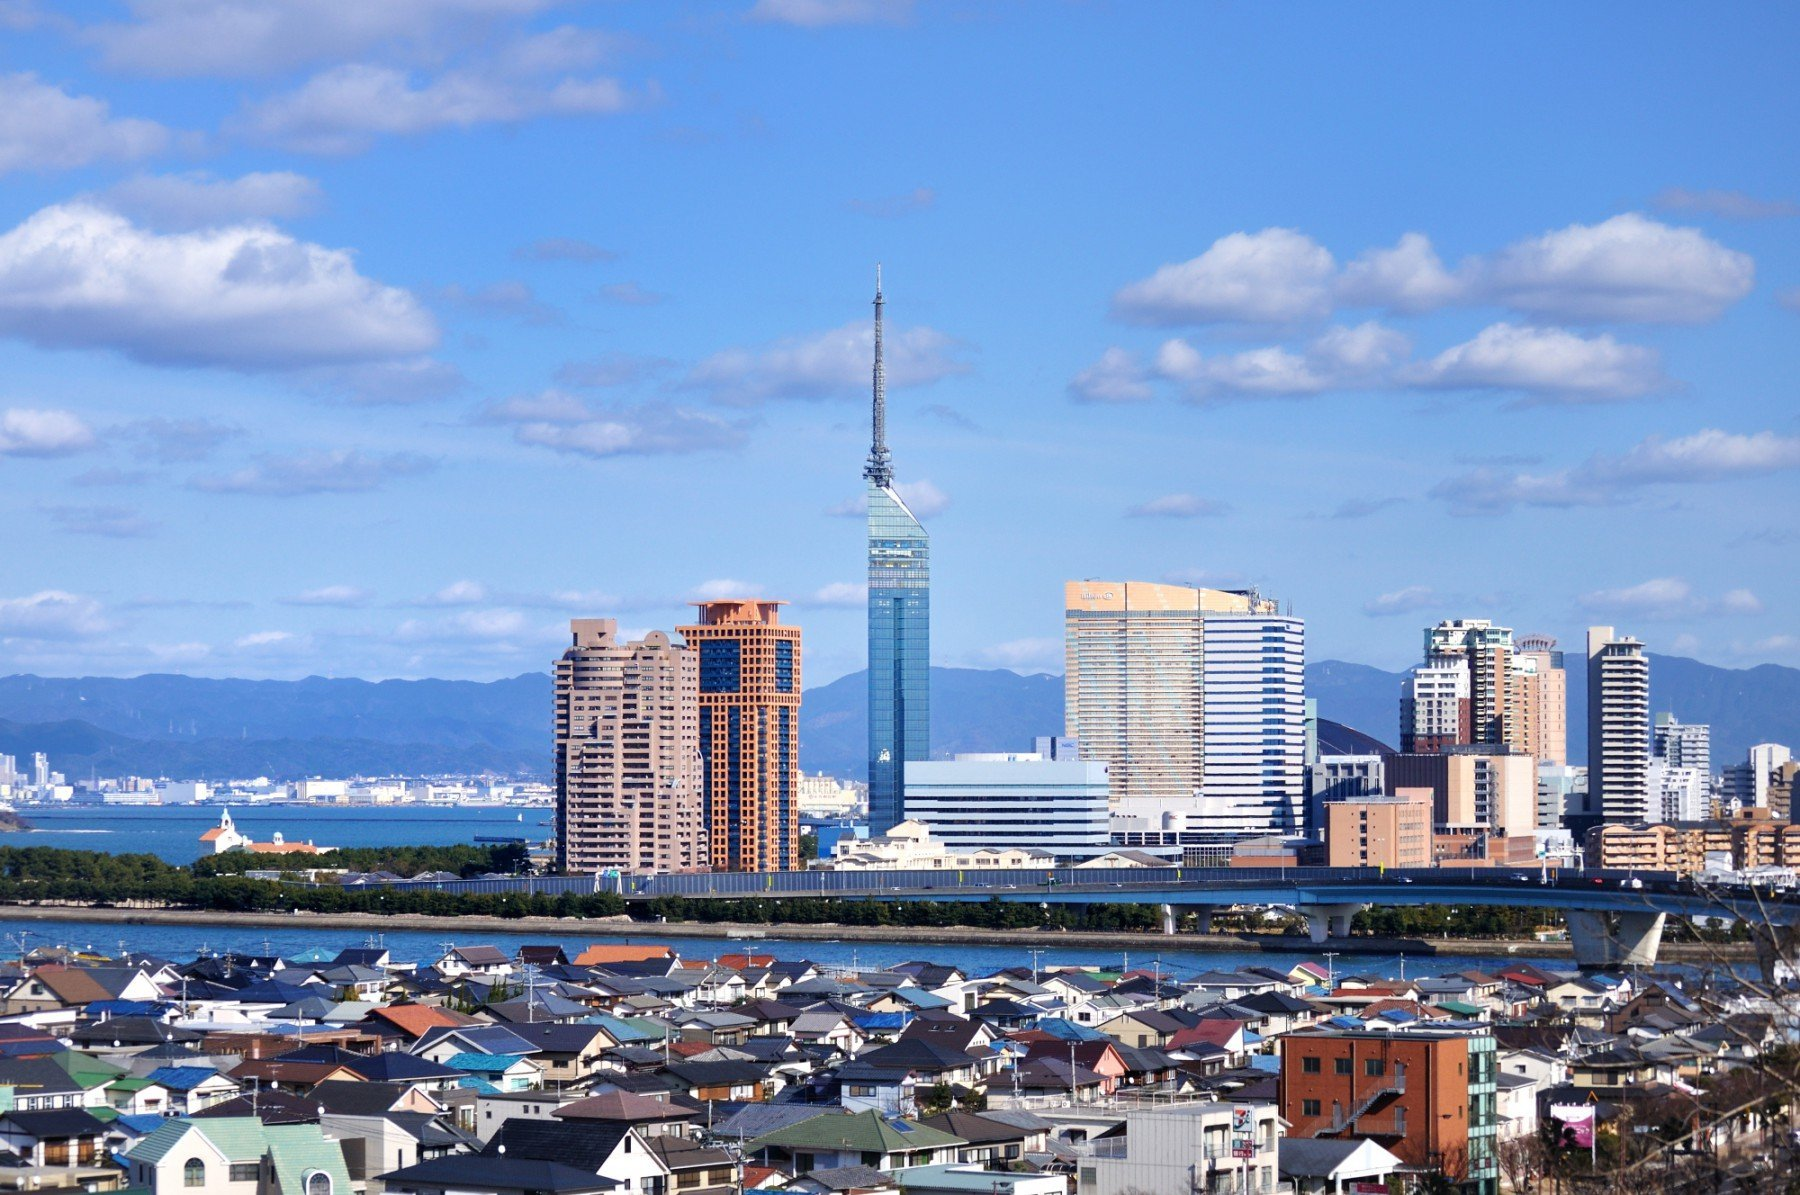 愛宕山からのシーサイドももち(2010)の画像